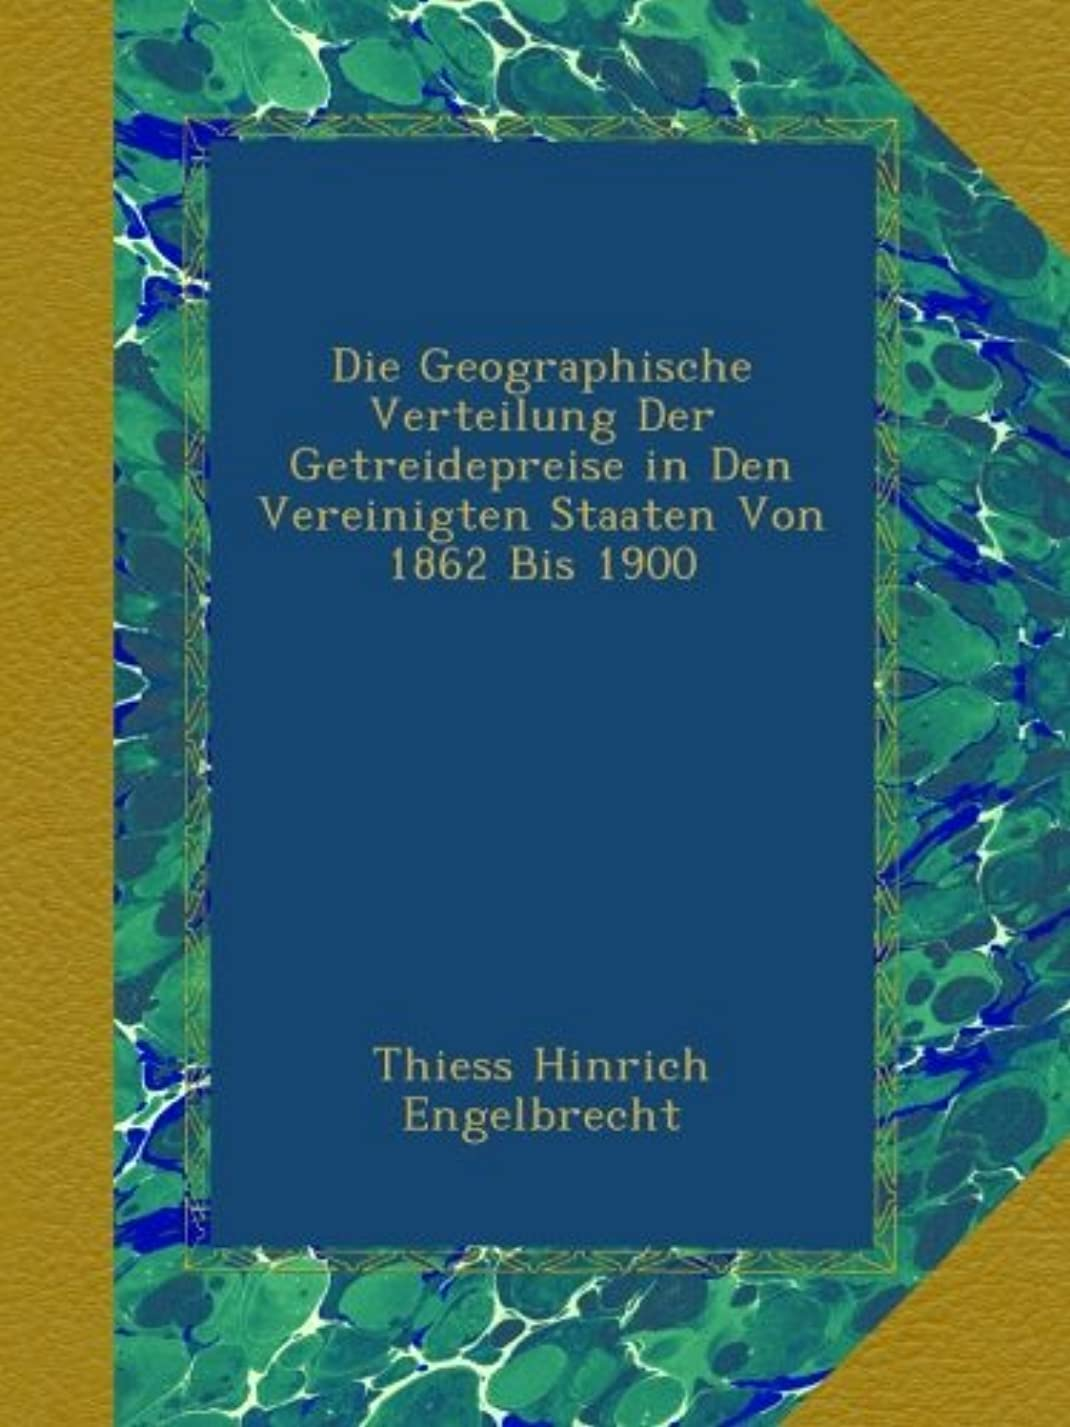 彼自身に同意するスクリューDie Geographische Verteilung Der Getreidepreise in Den Vereinigten Staaten Von 1862 Bis 1900